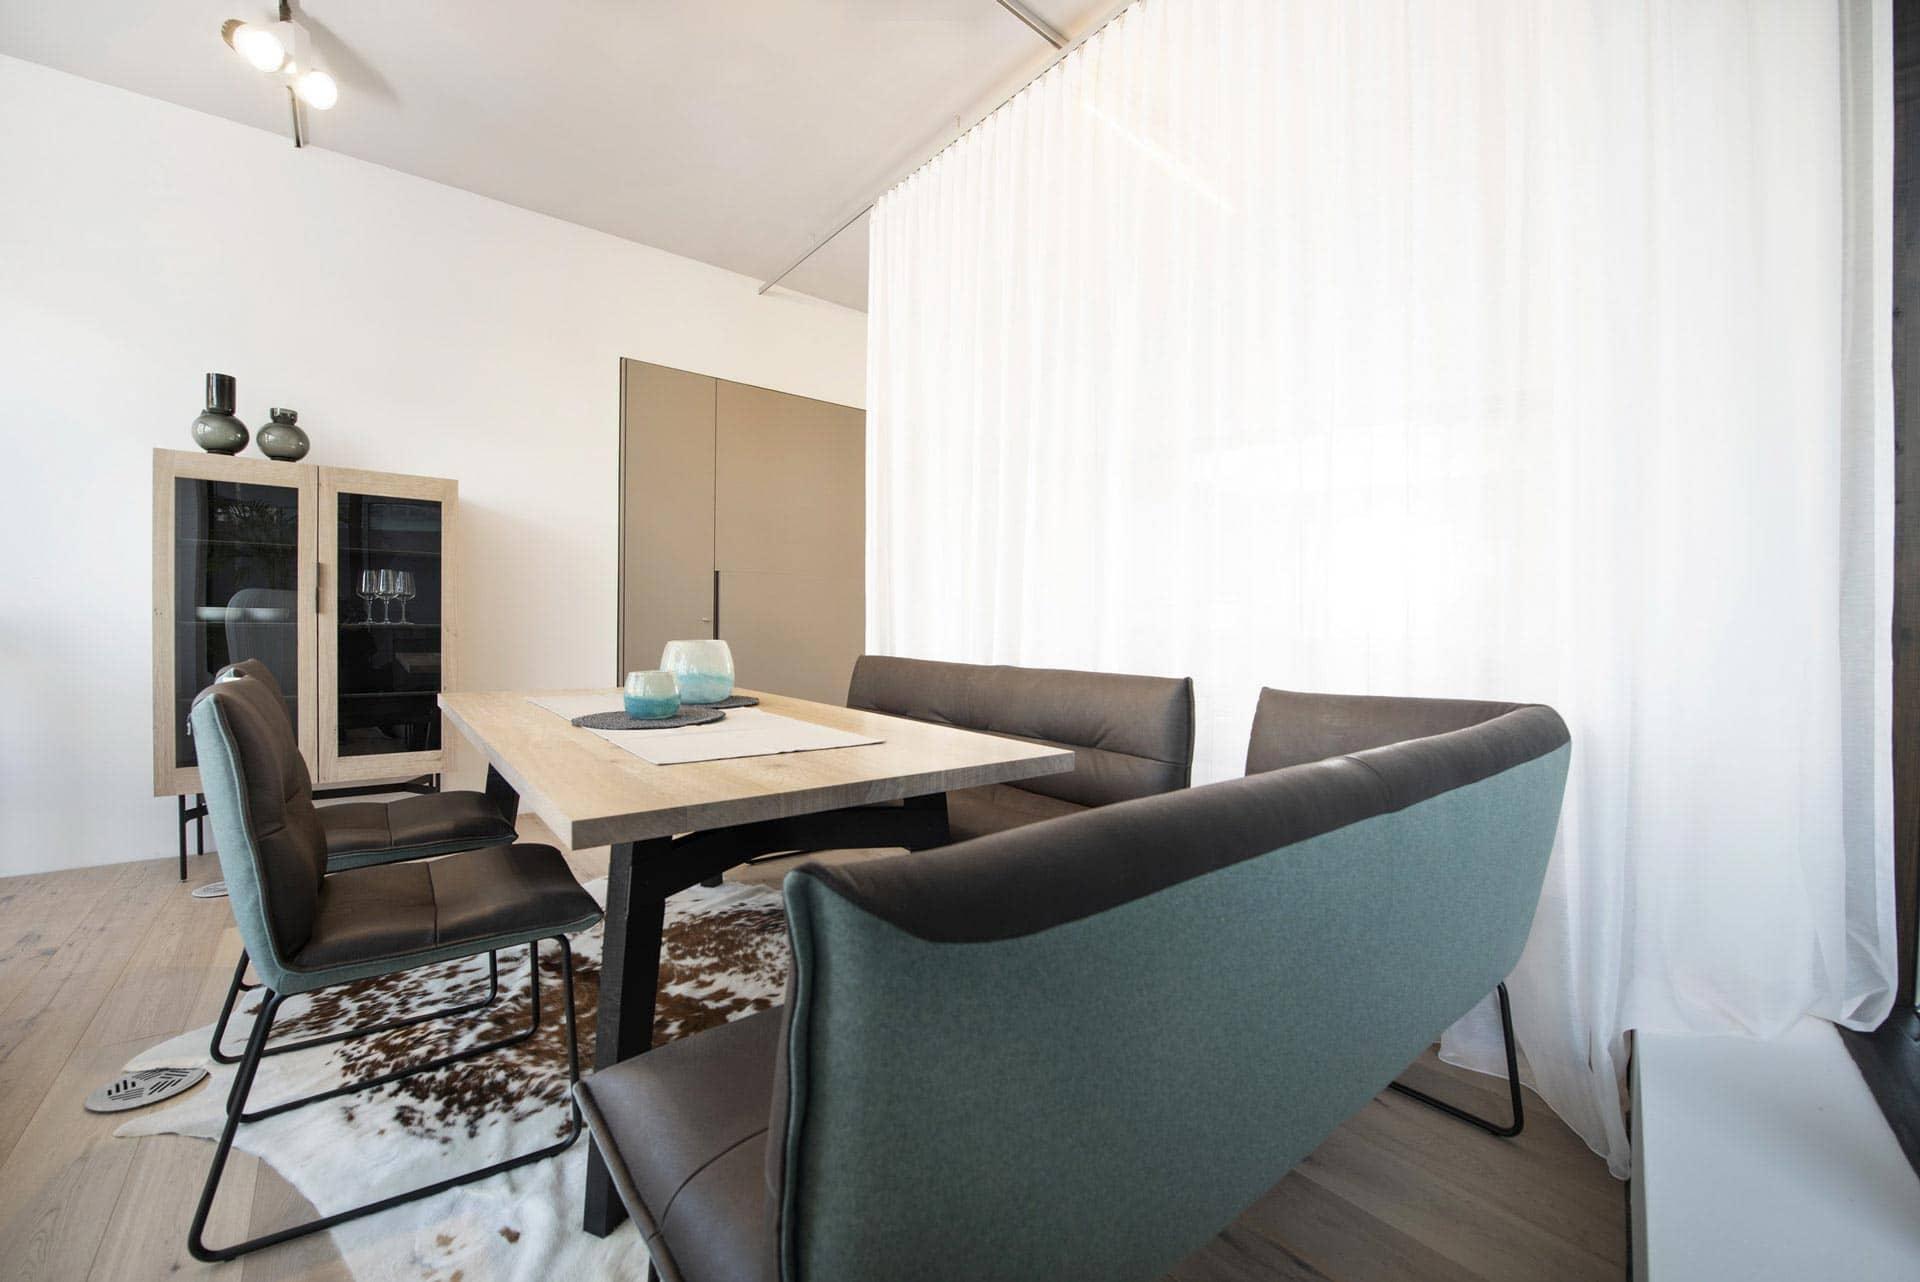 couchzone - Interior Design Innsbruck - Esstisch